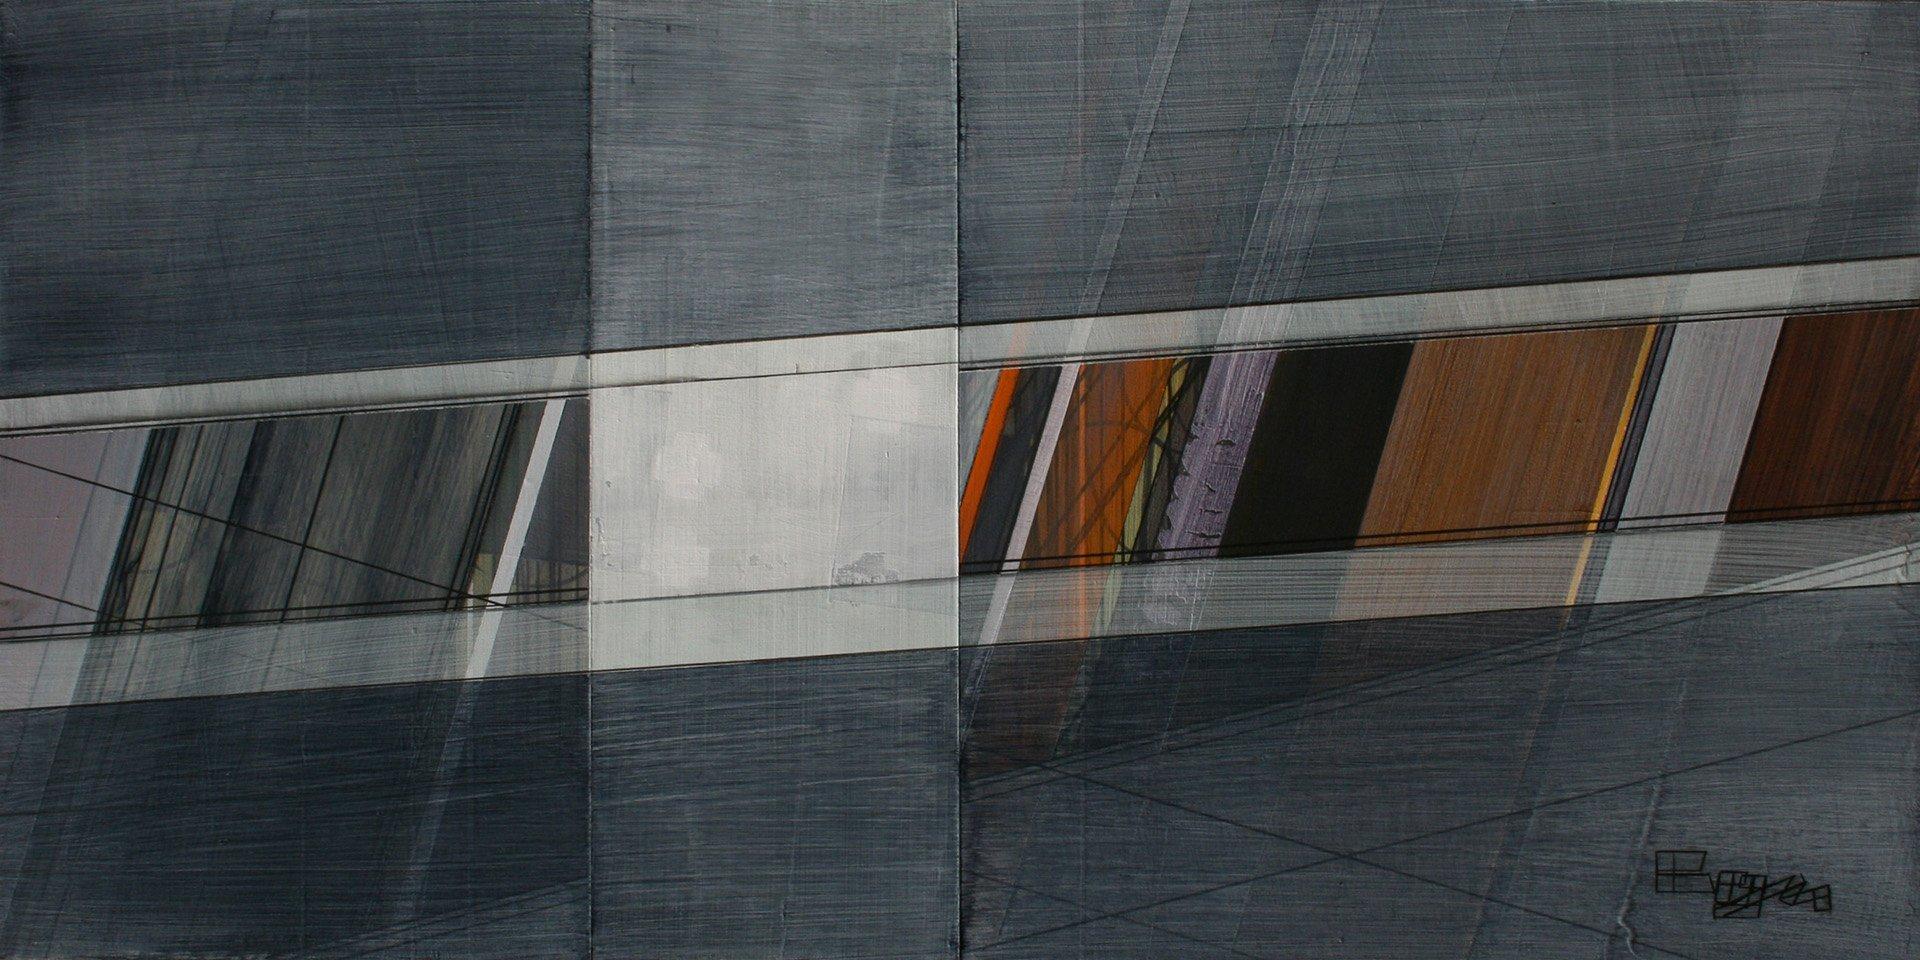 Bryan Boone work of art Loops Series